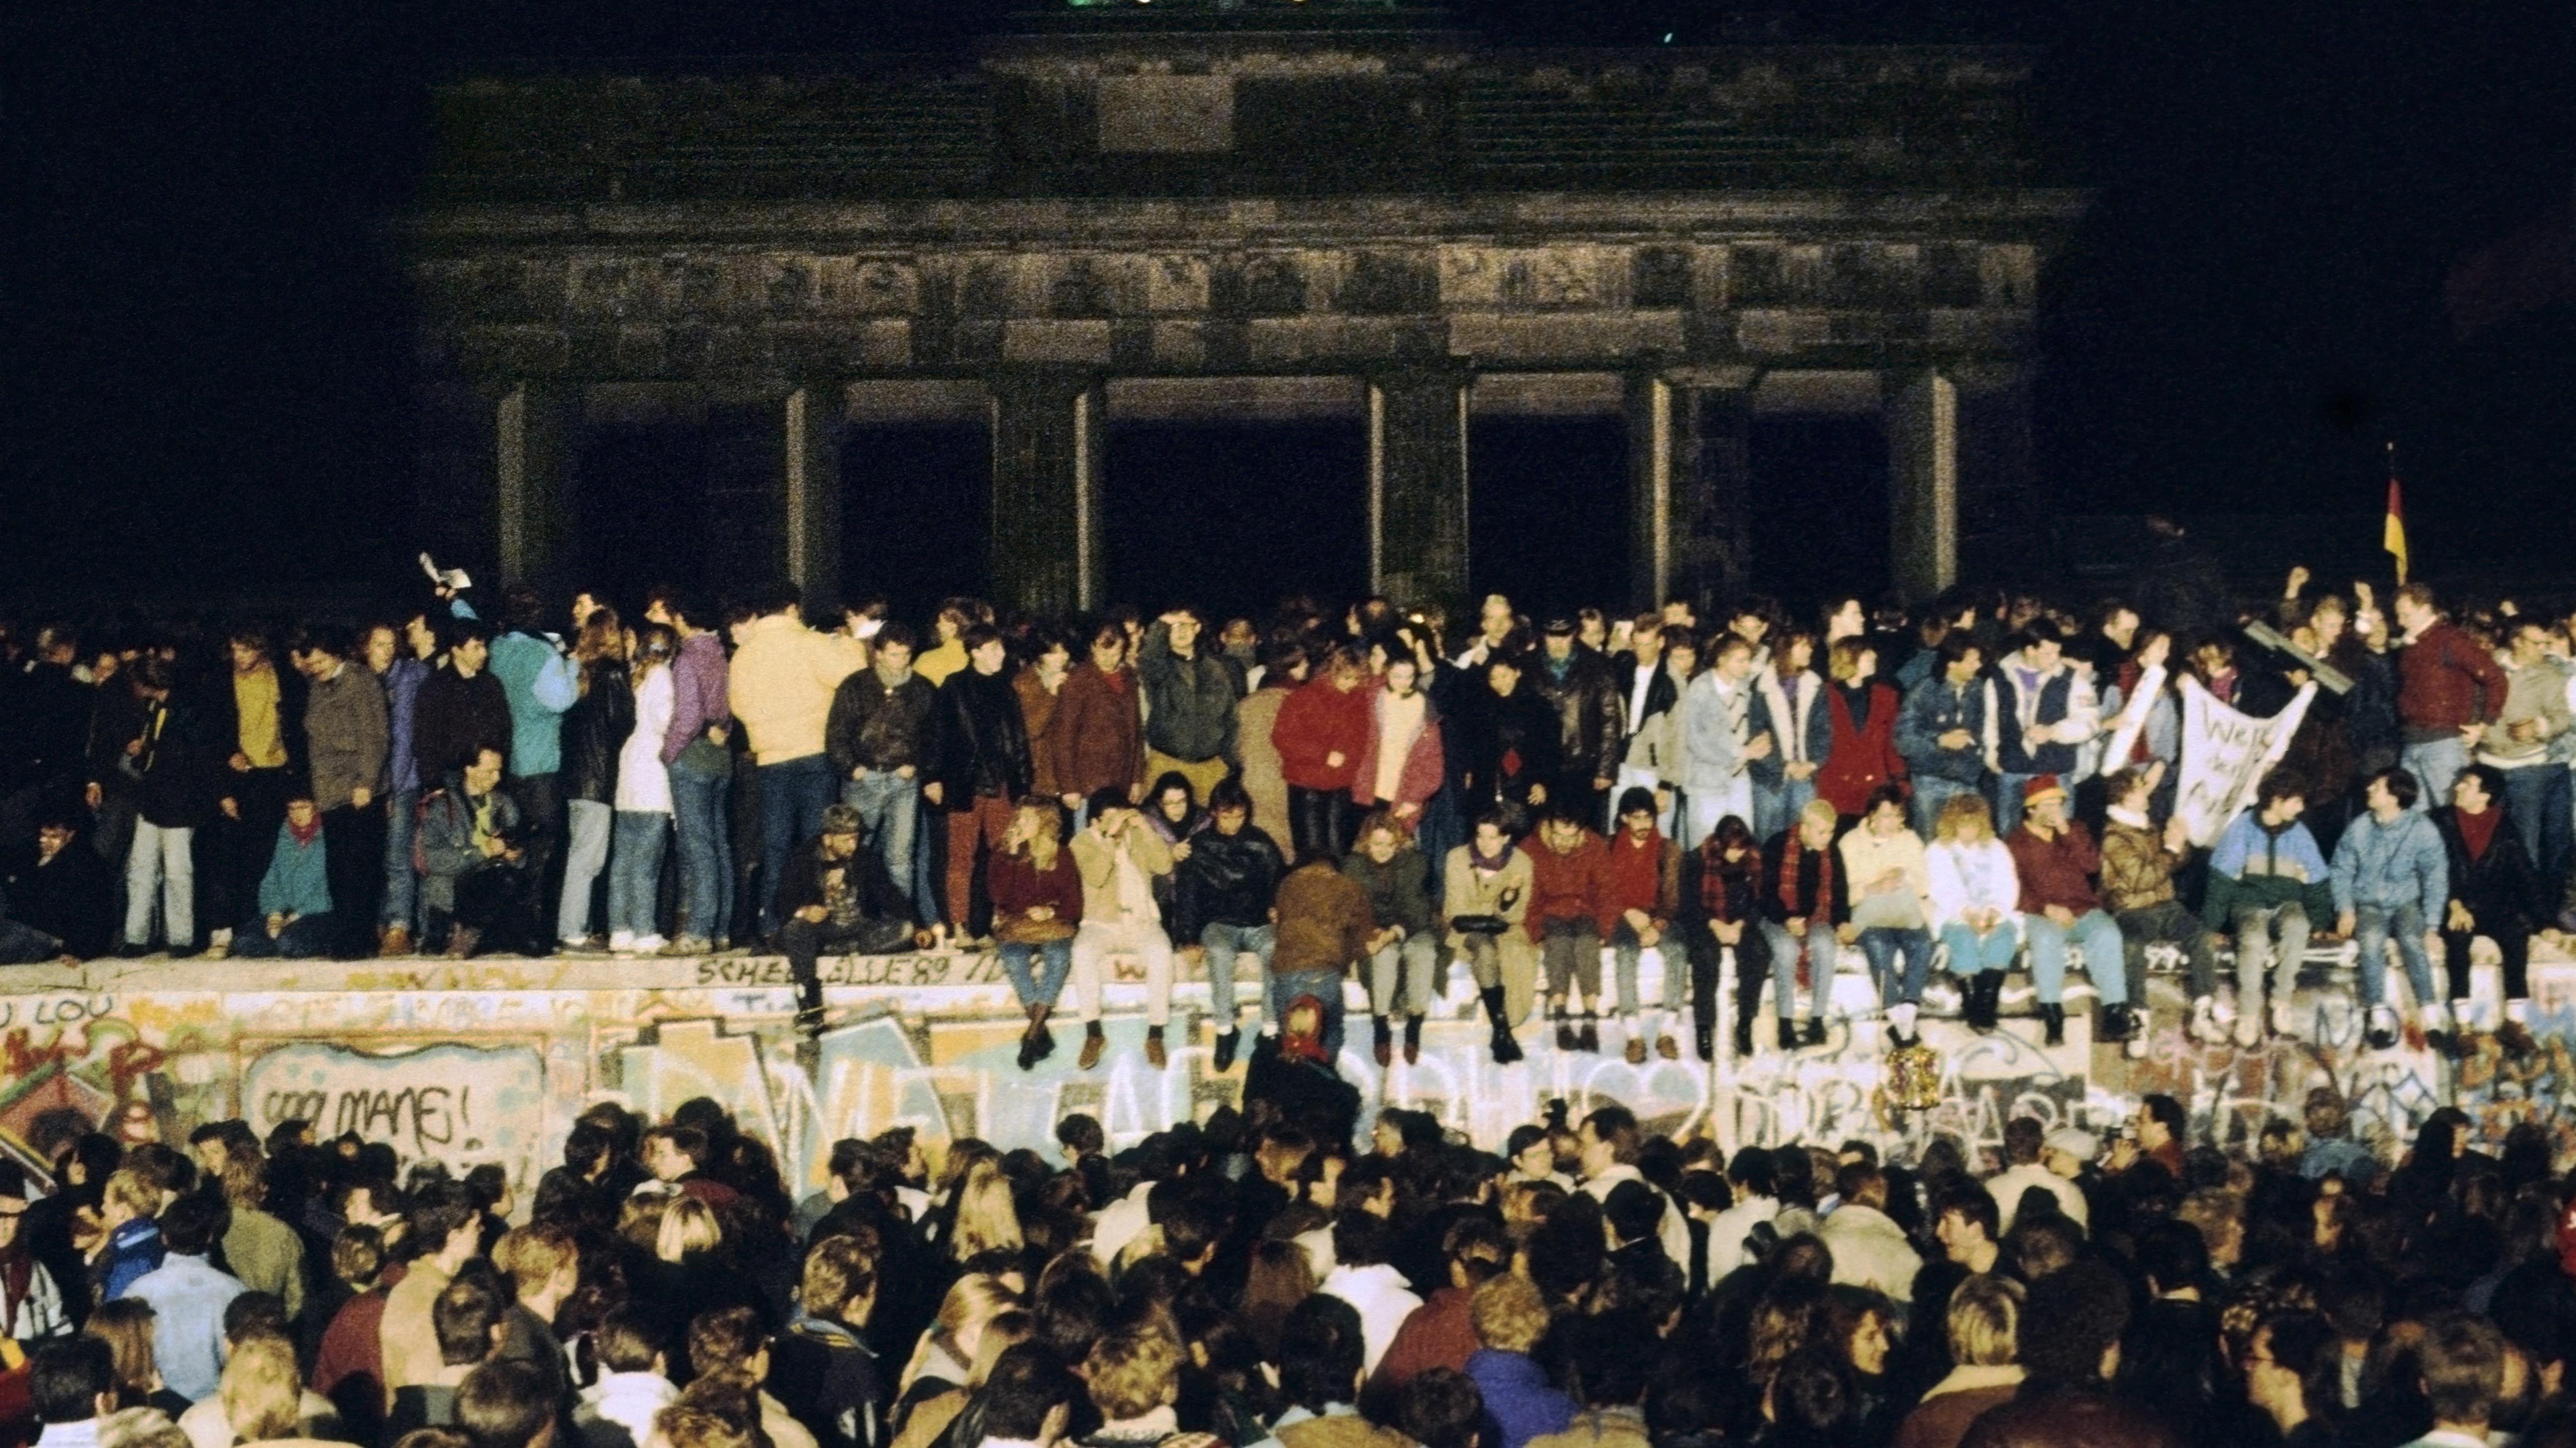 Die Nacht des 9. November 1989 in Berlin